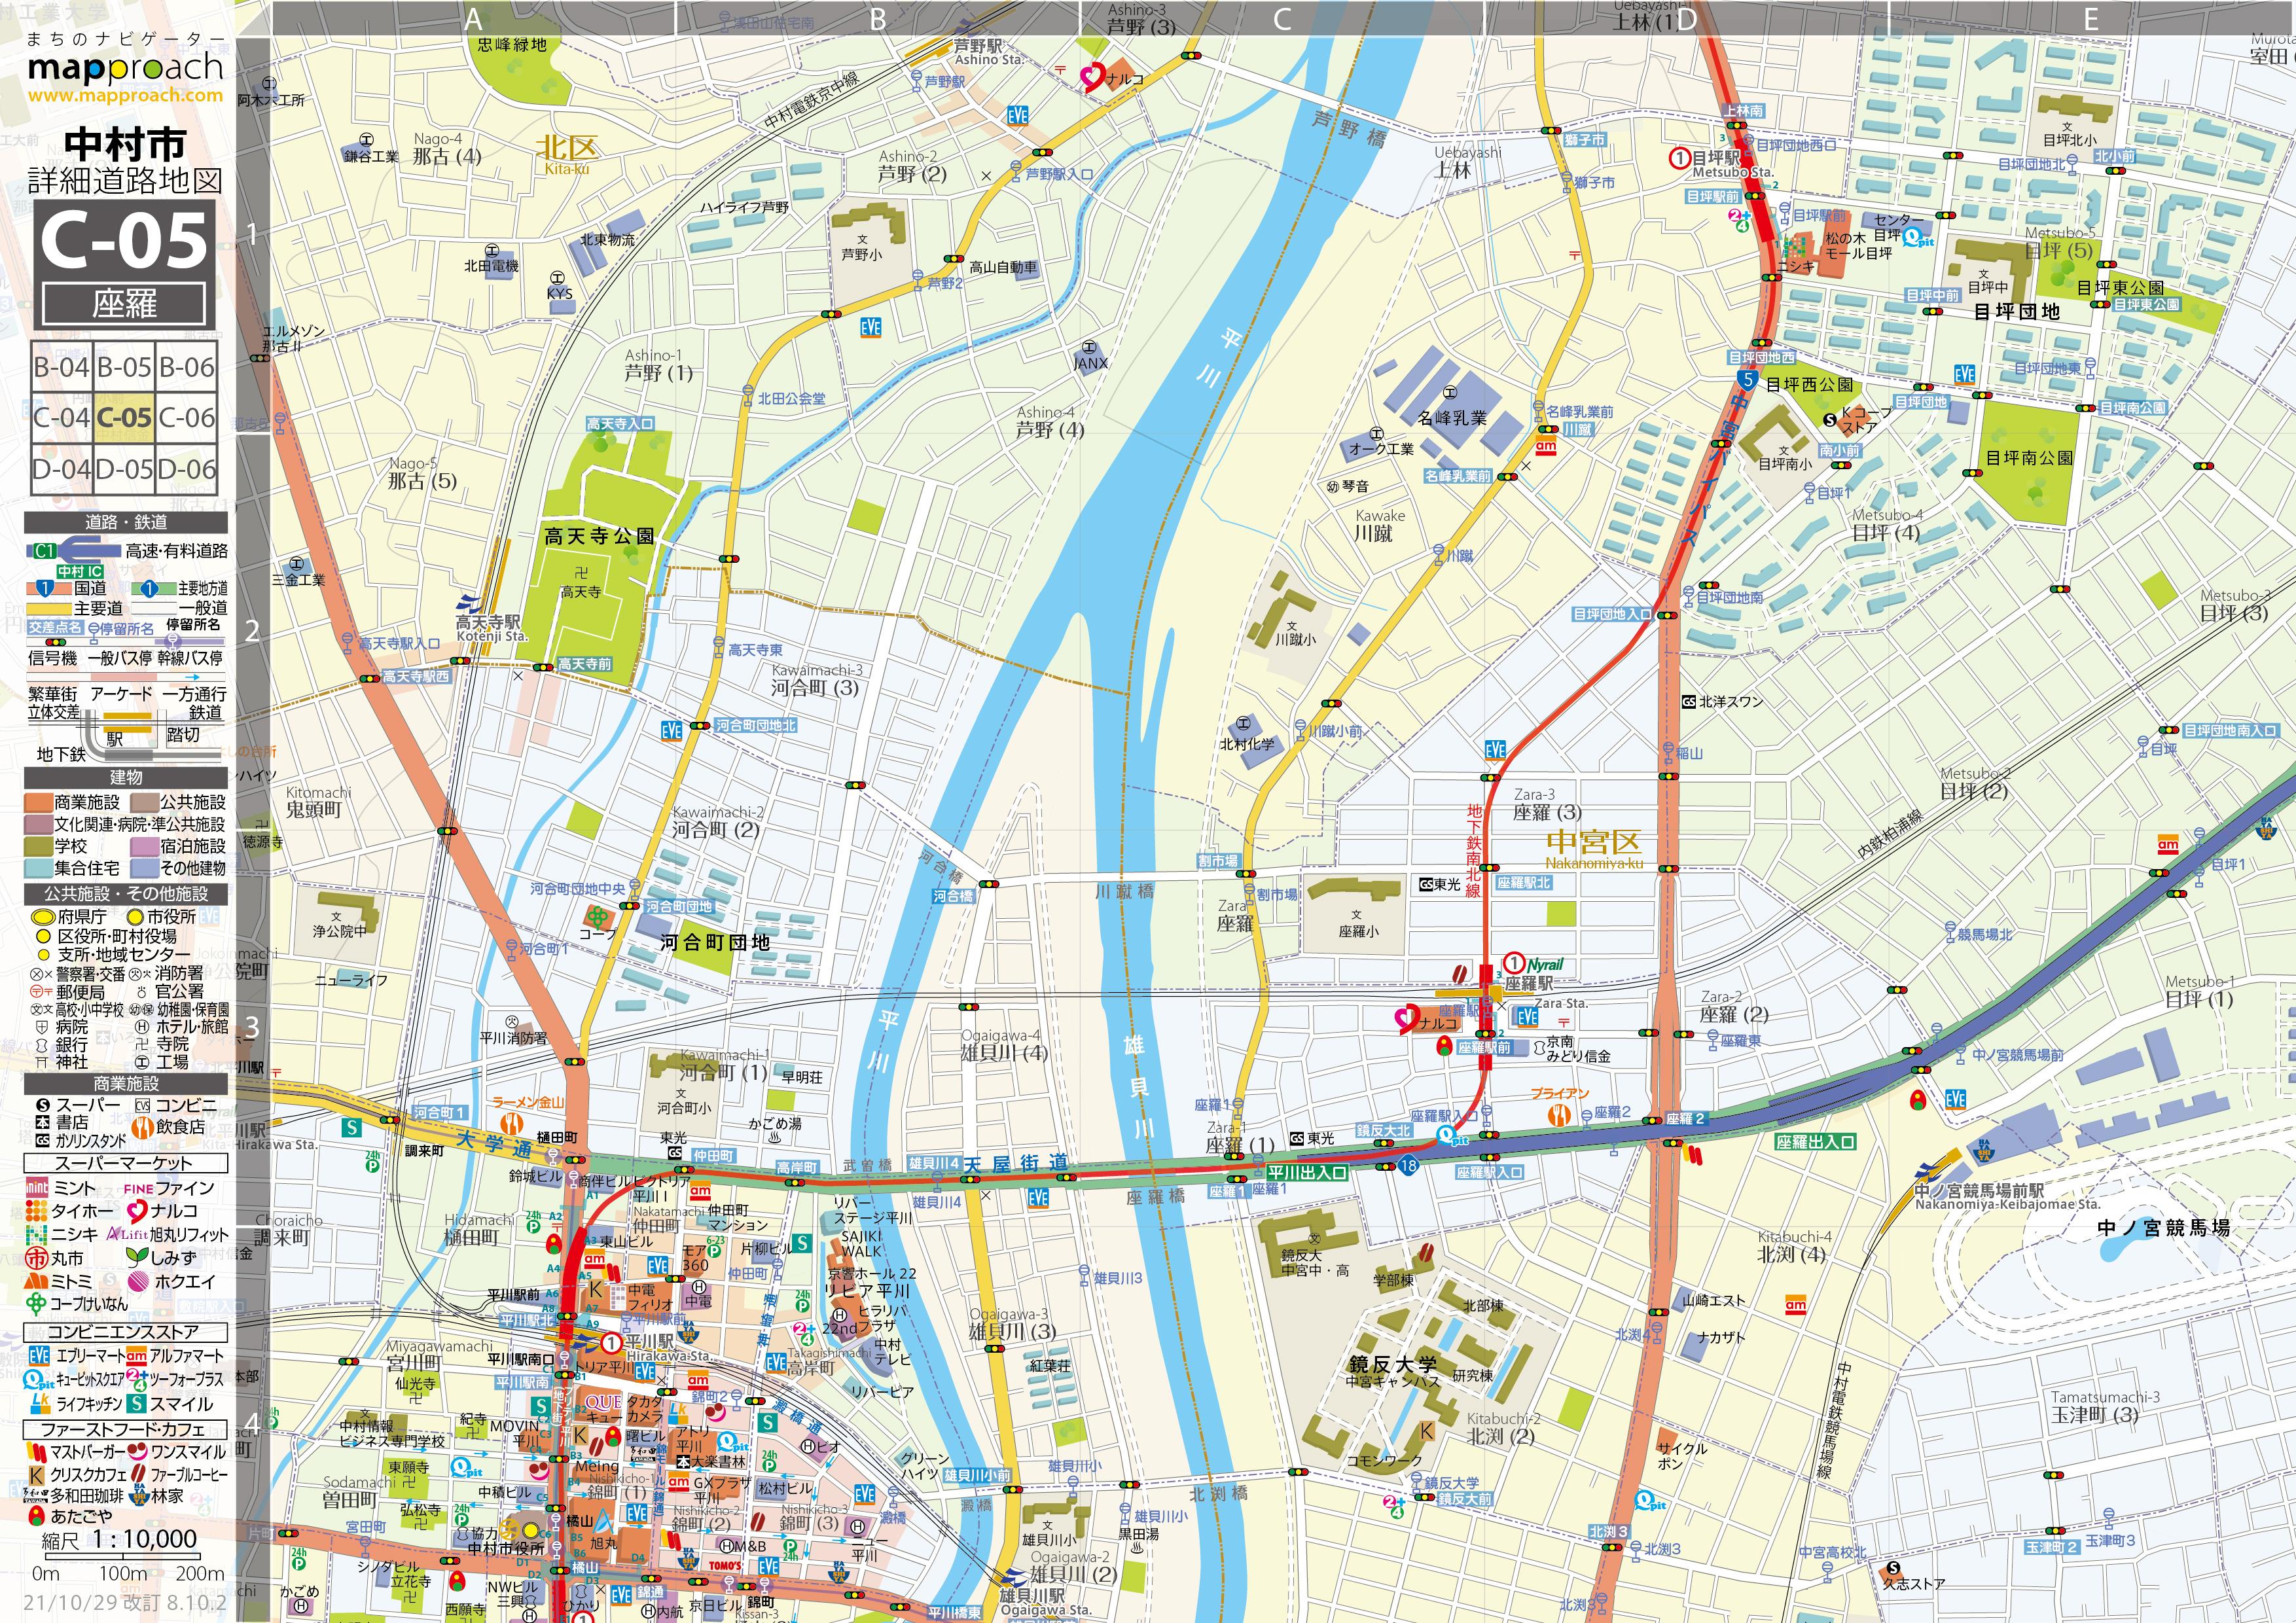 C-05 座羅 地図拡大